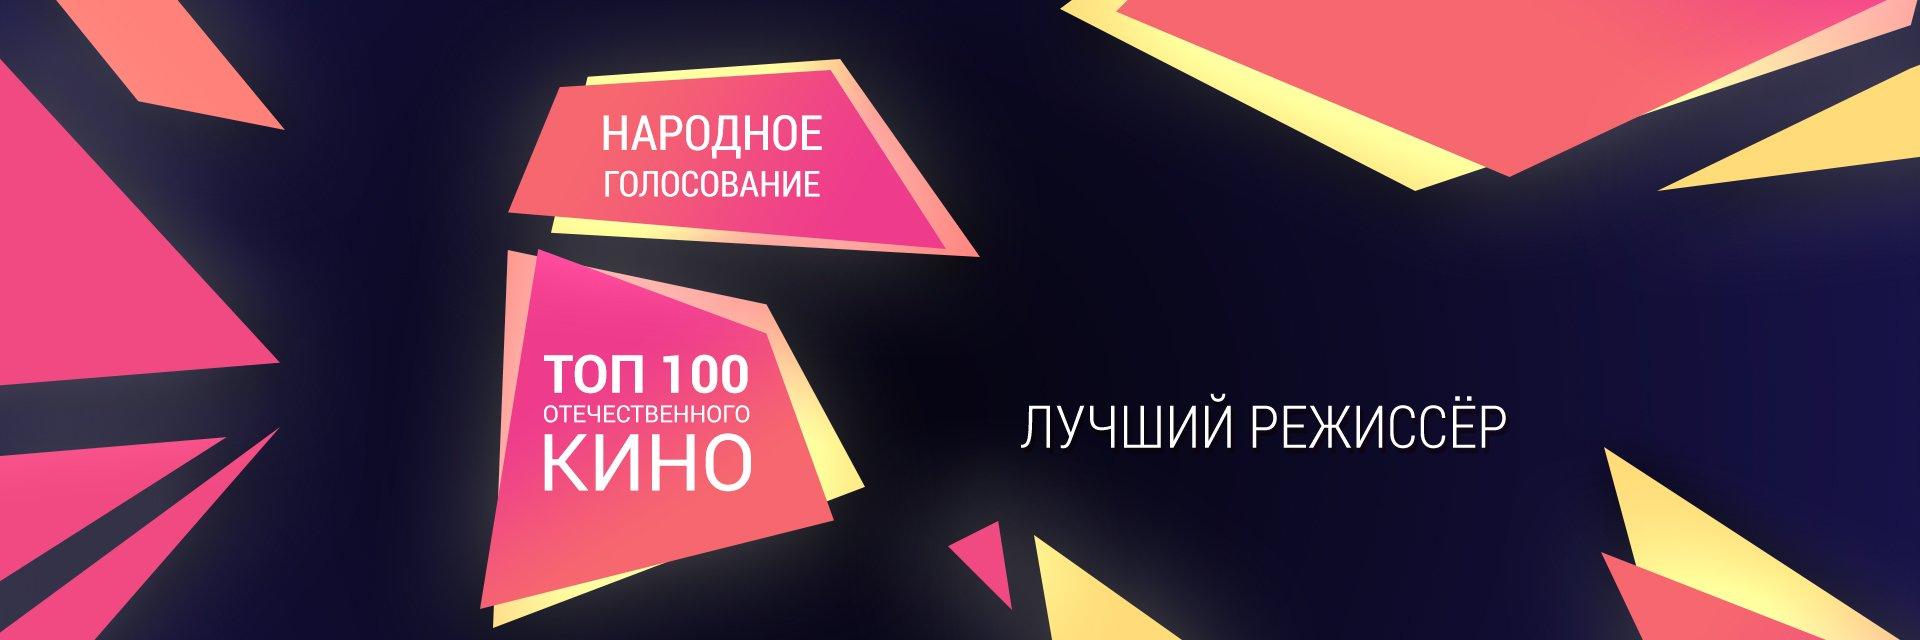 Голосование режиссёр